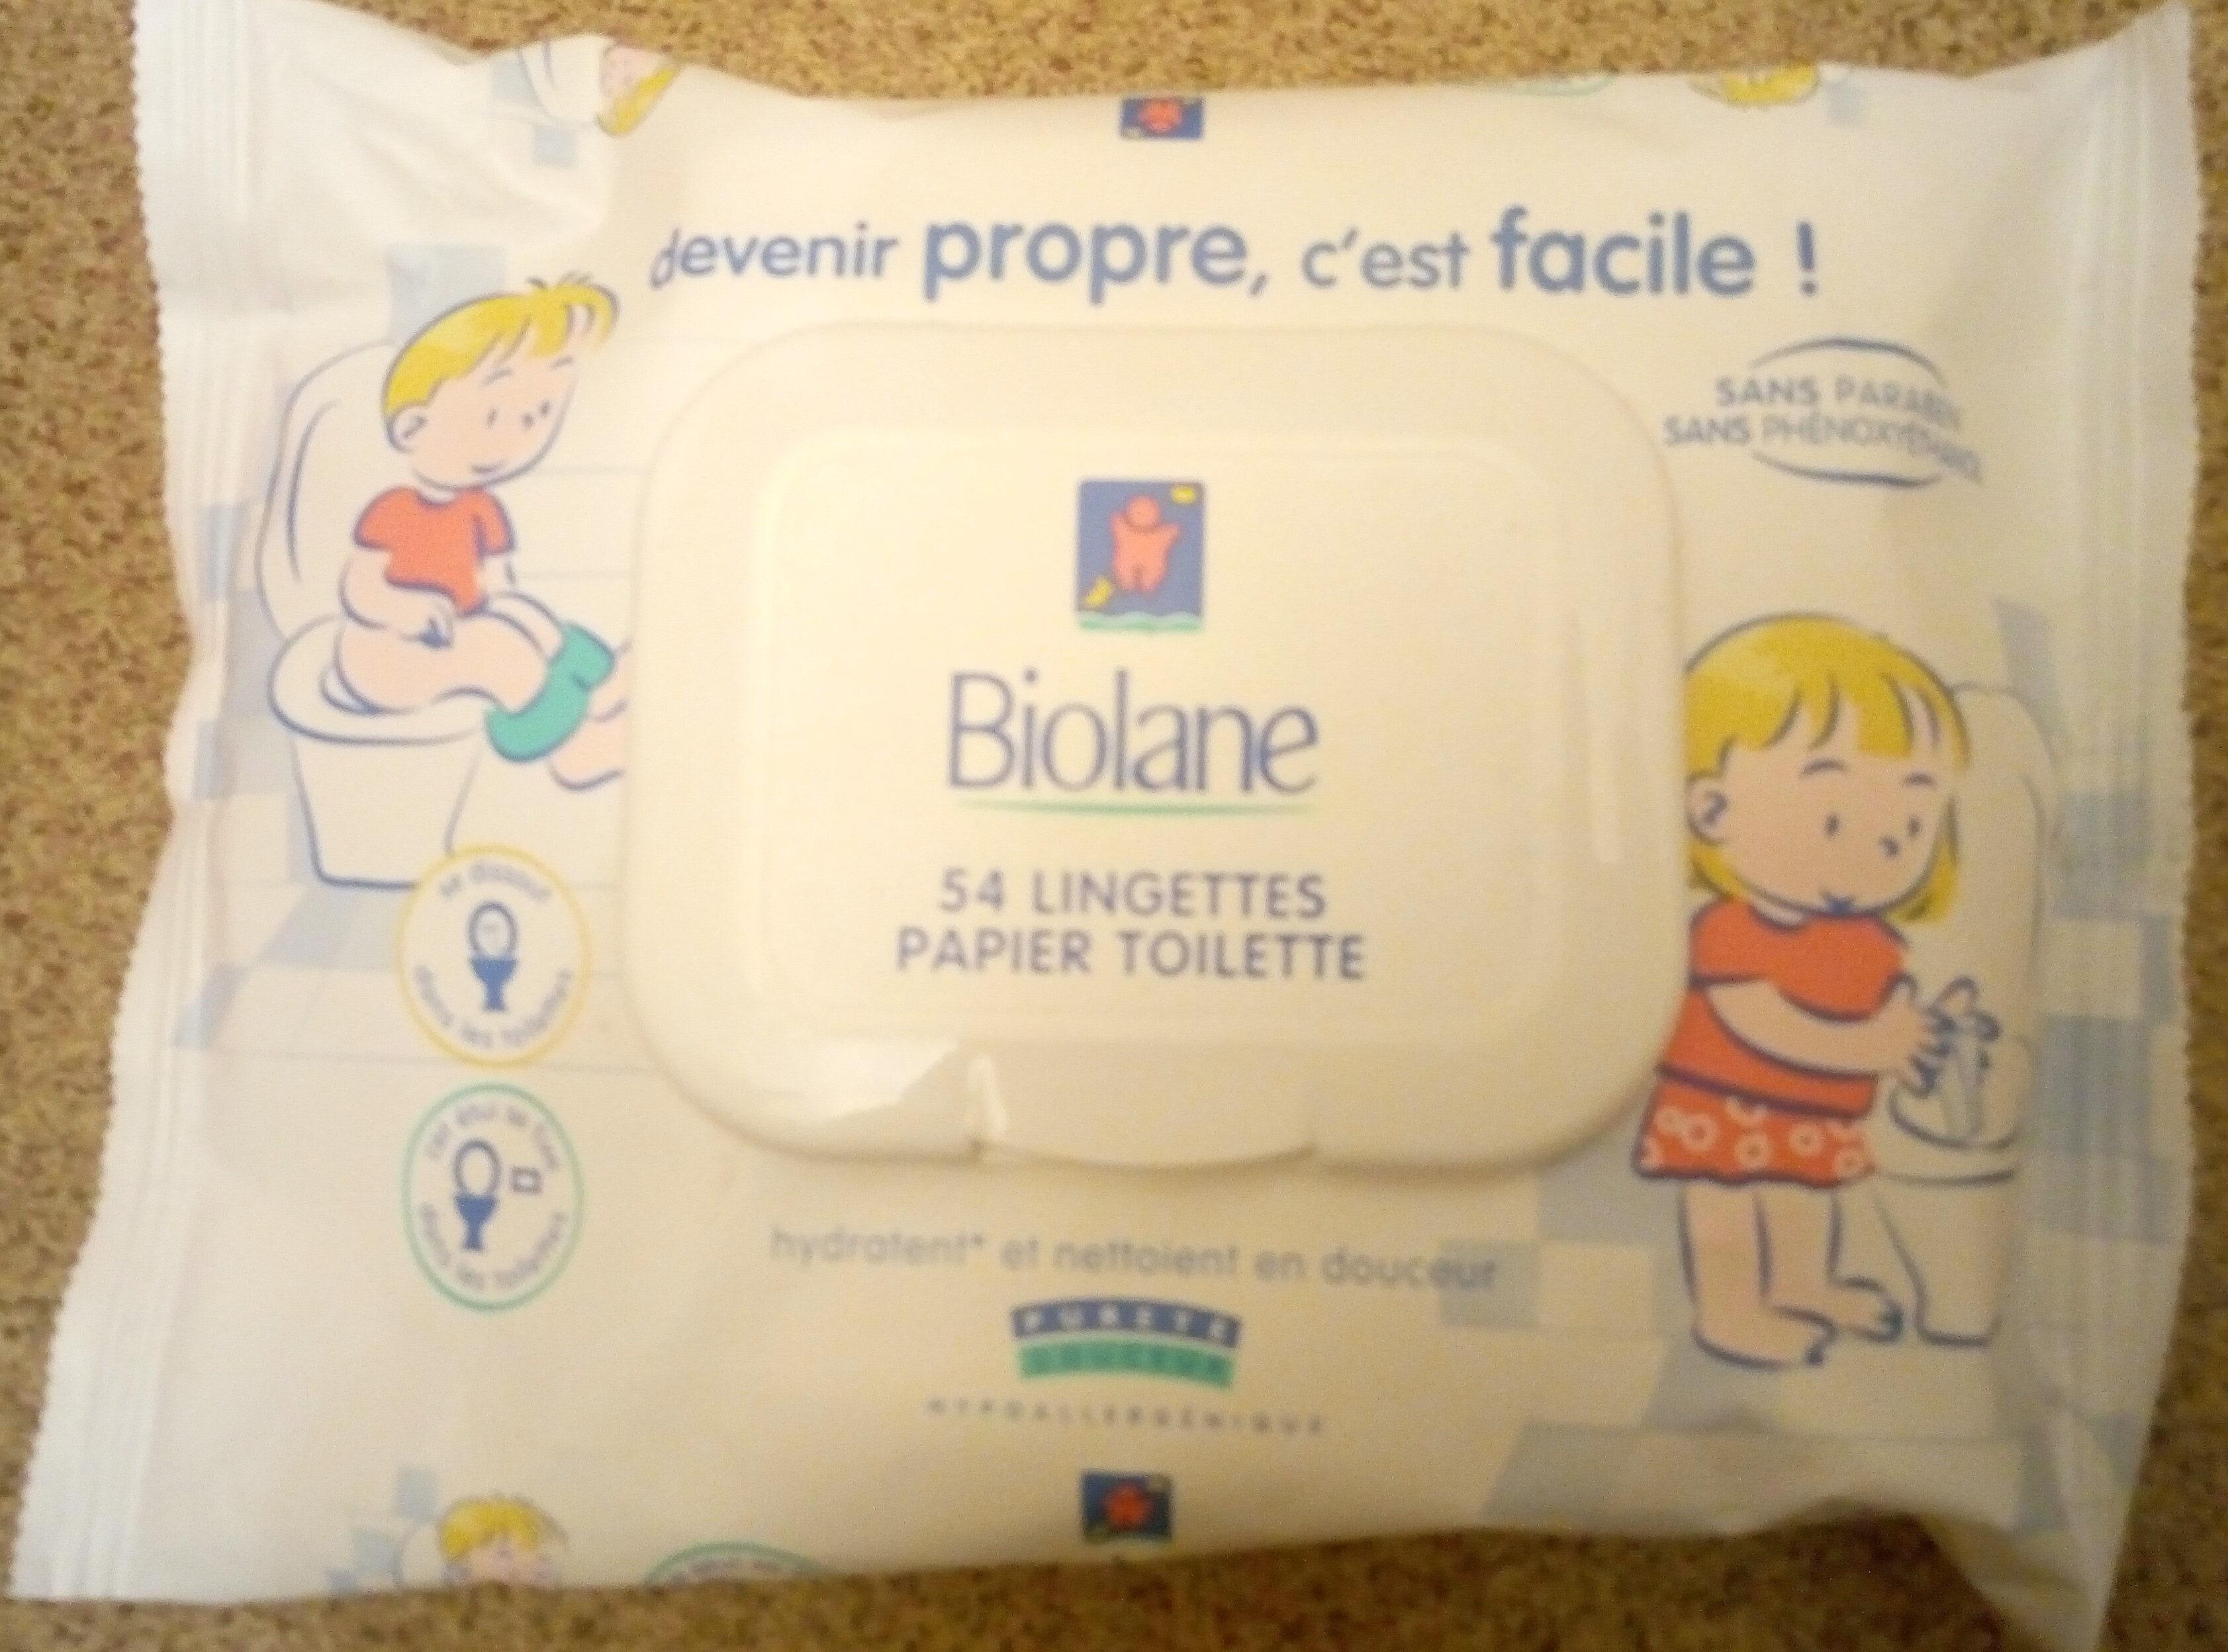 lingettes papier toilette - Product